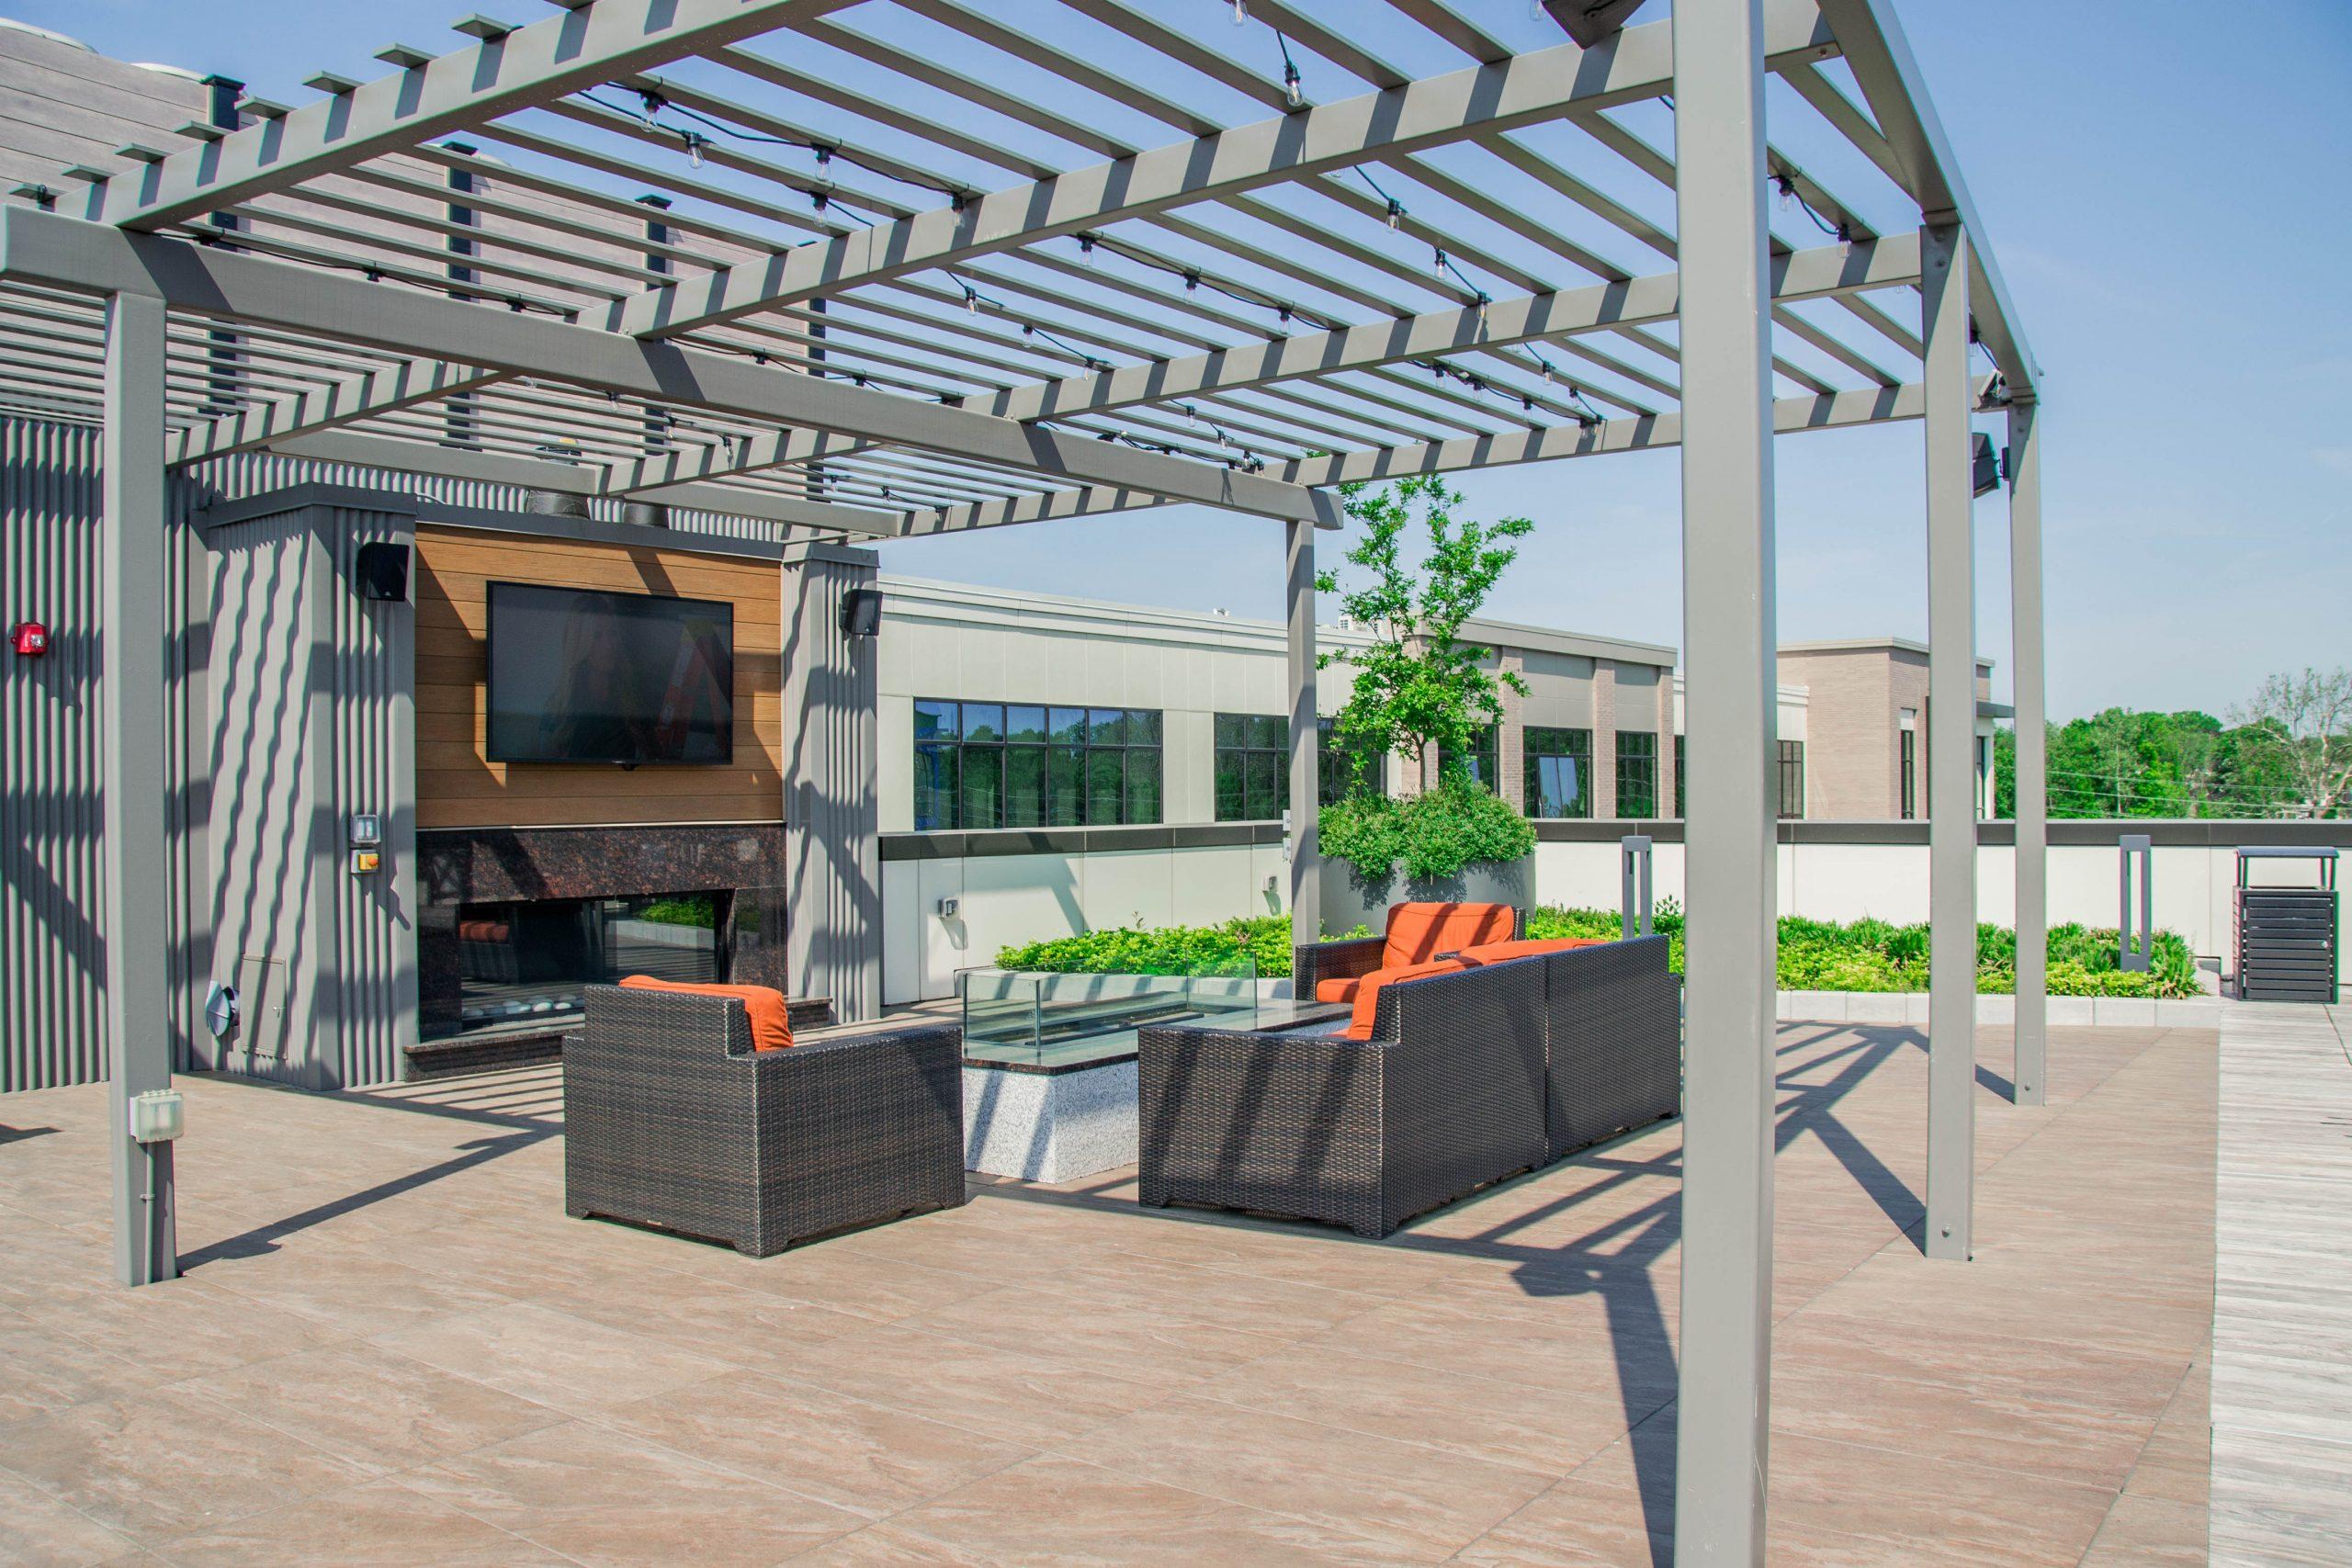 Apartment Complex Rooftop Design, Union NJ